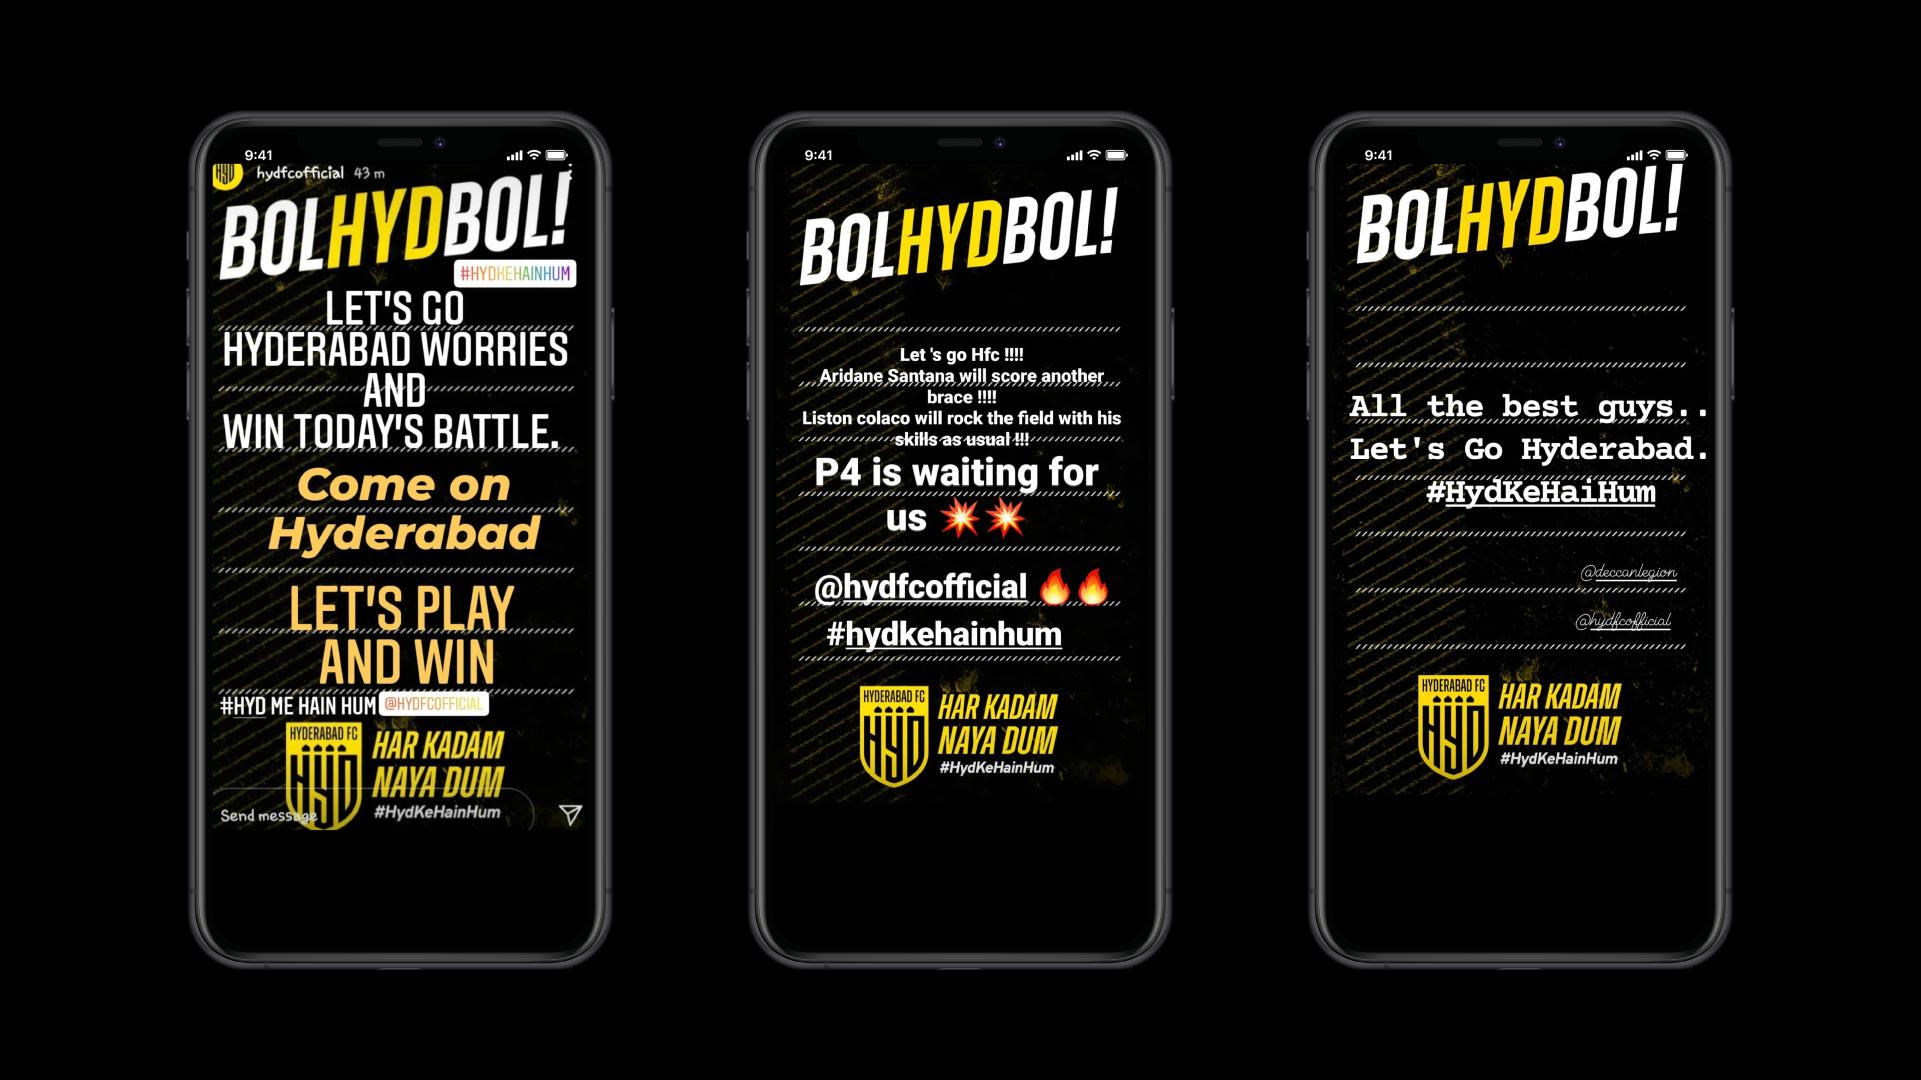 BolHydBol_1